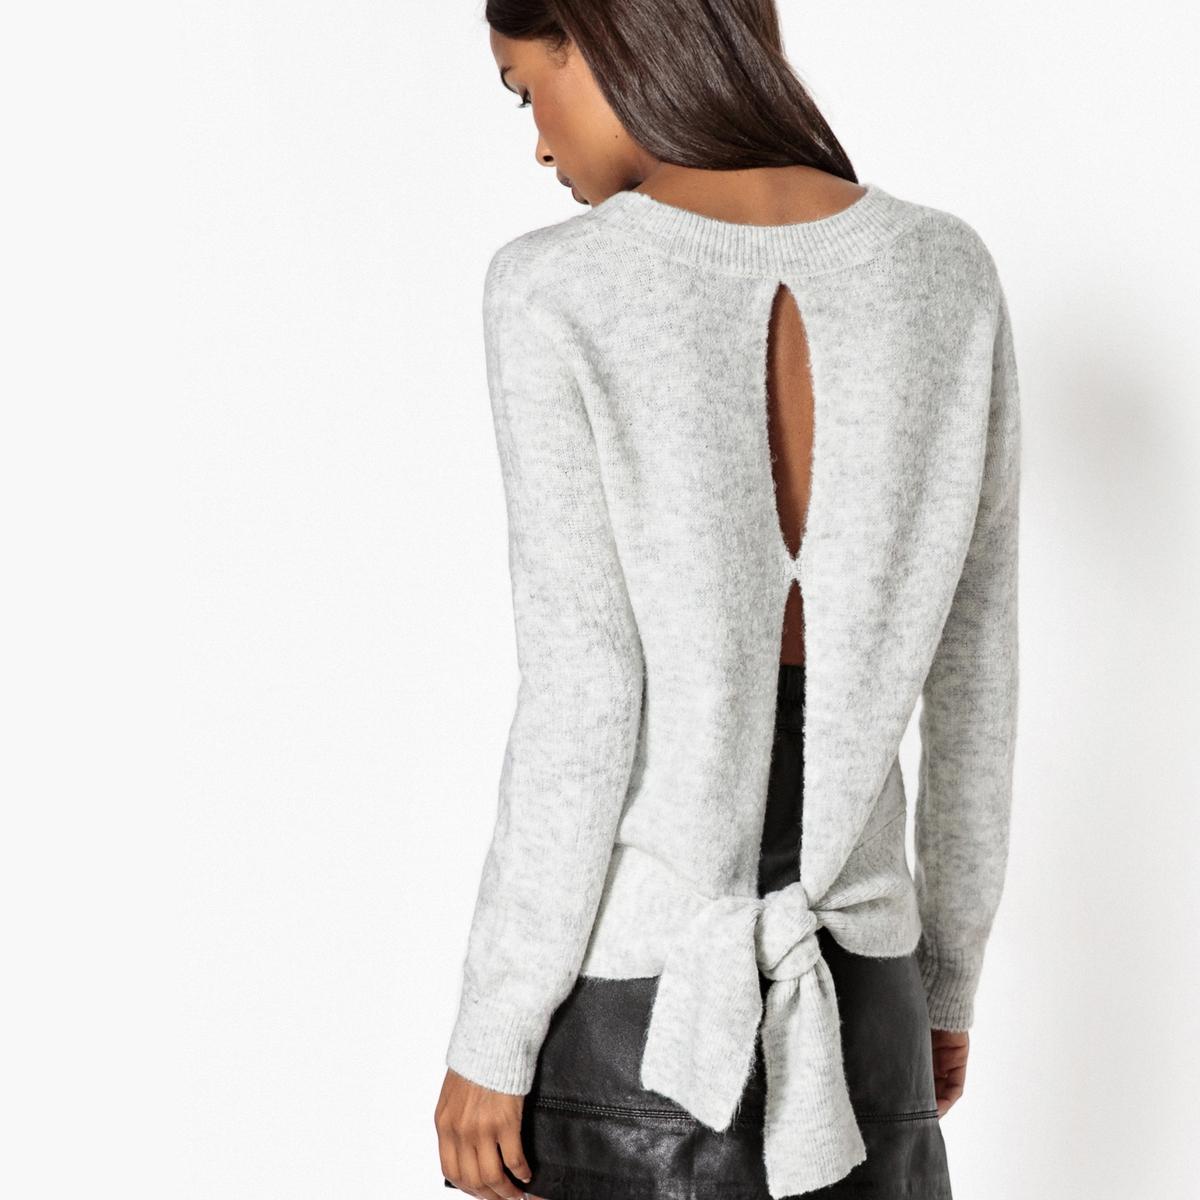 Пуловер с вырезом и бантик сзади